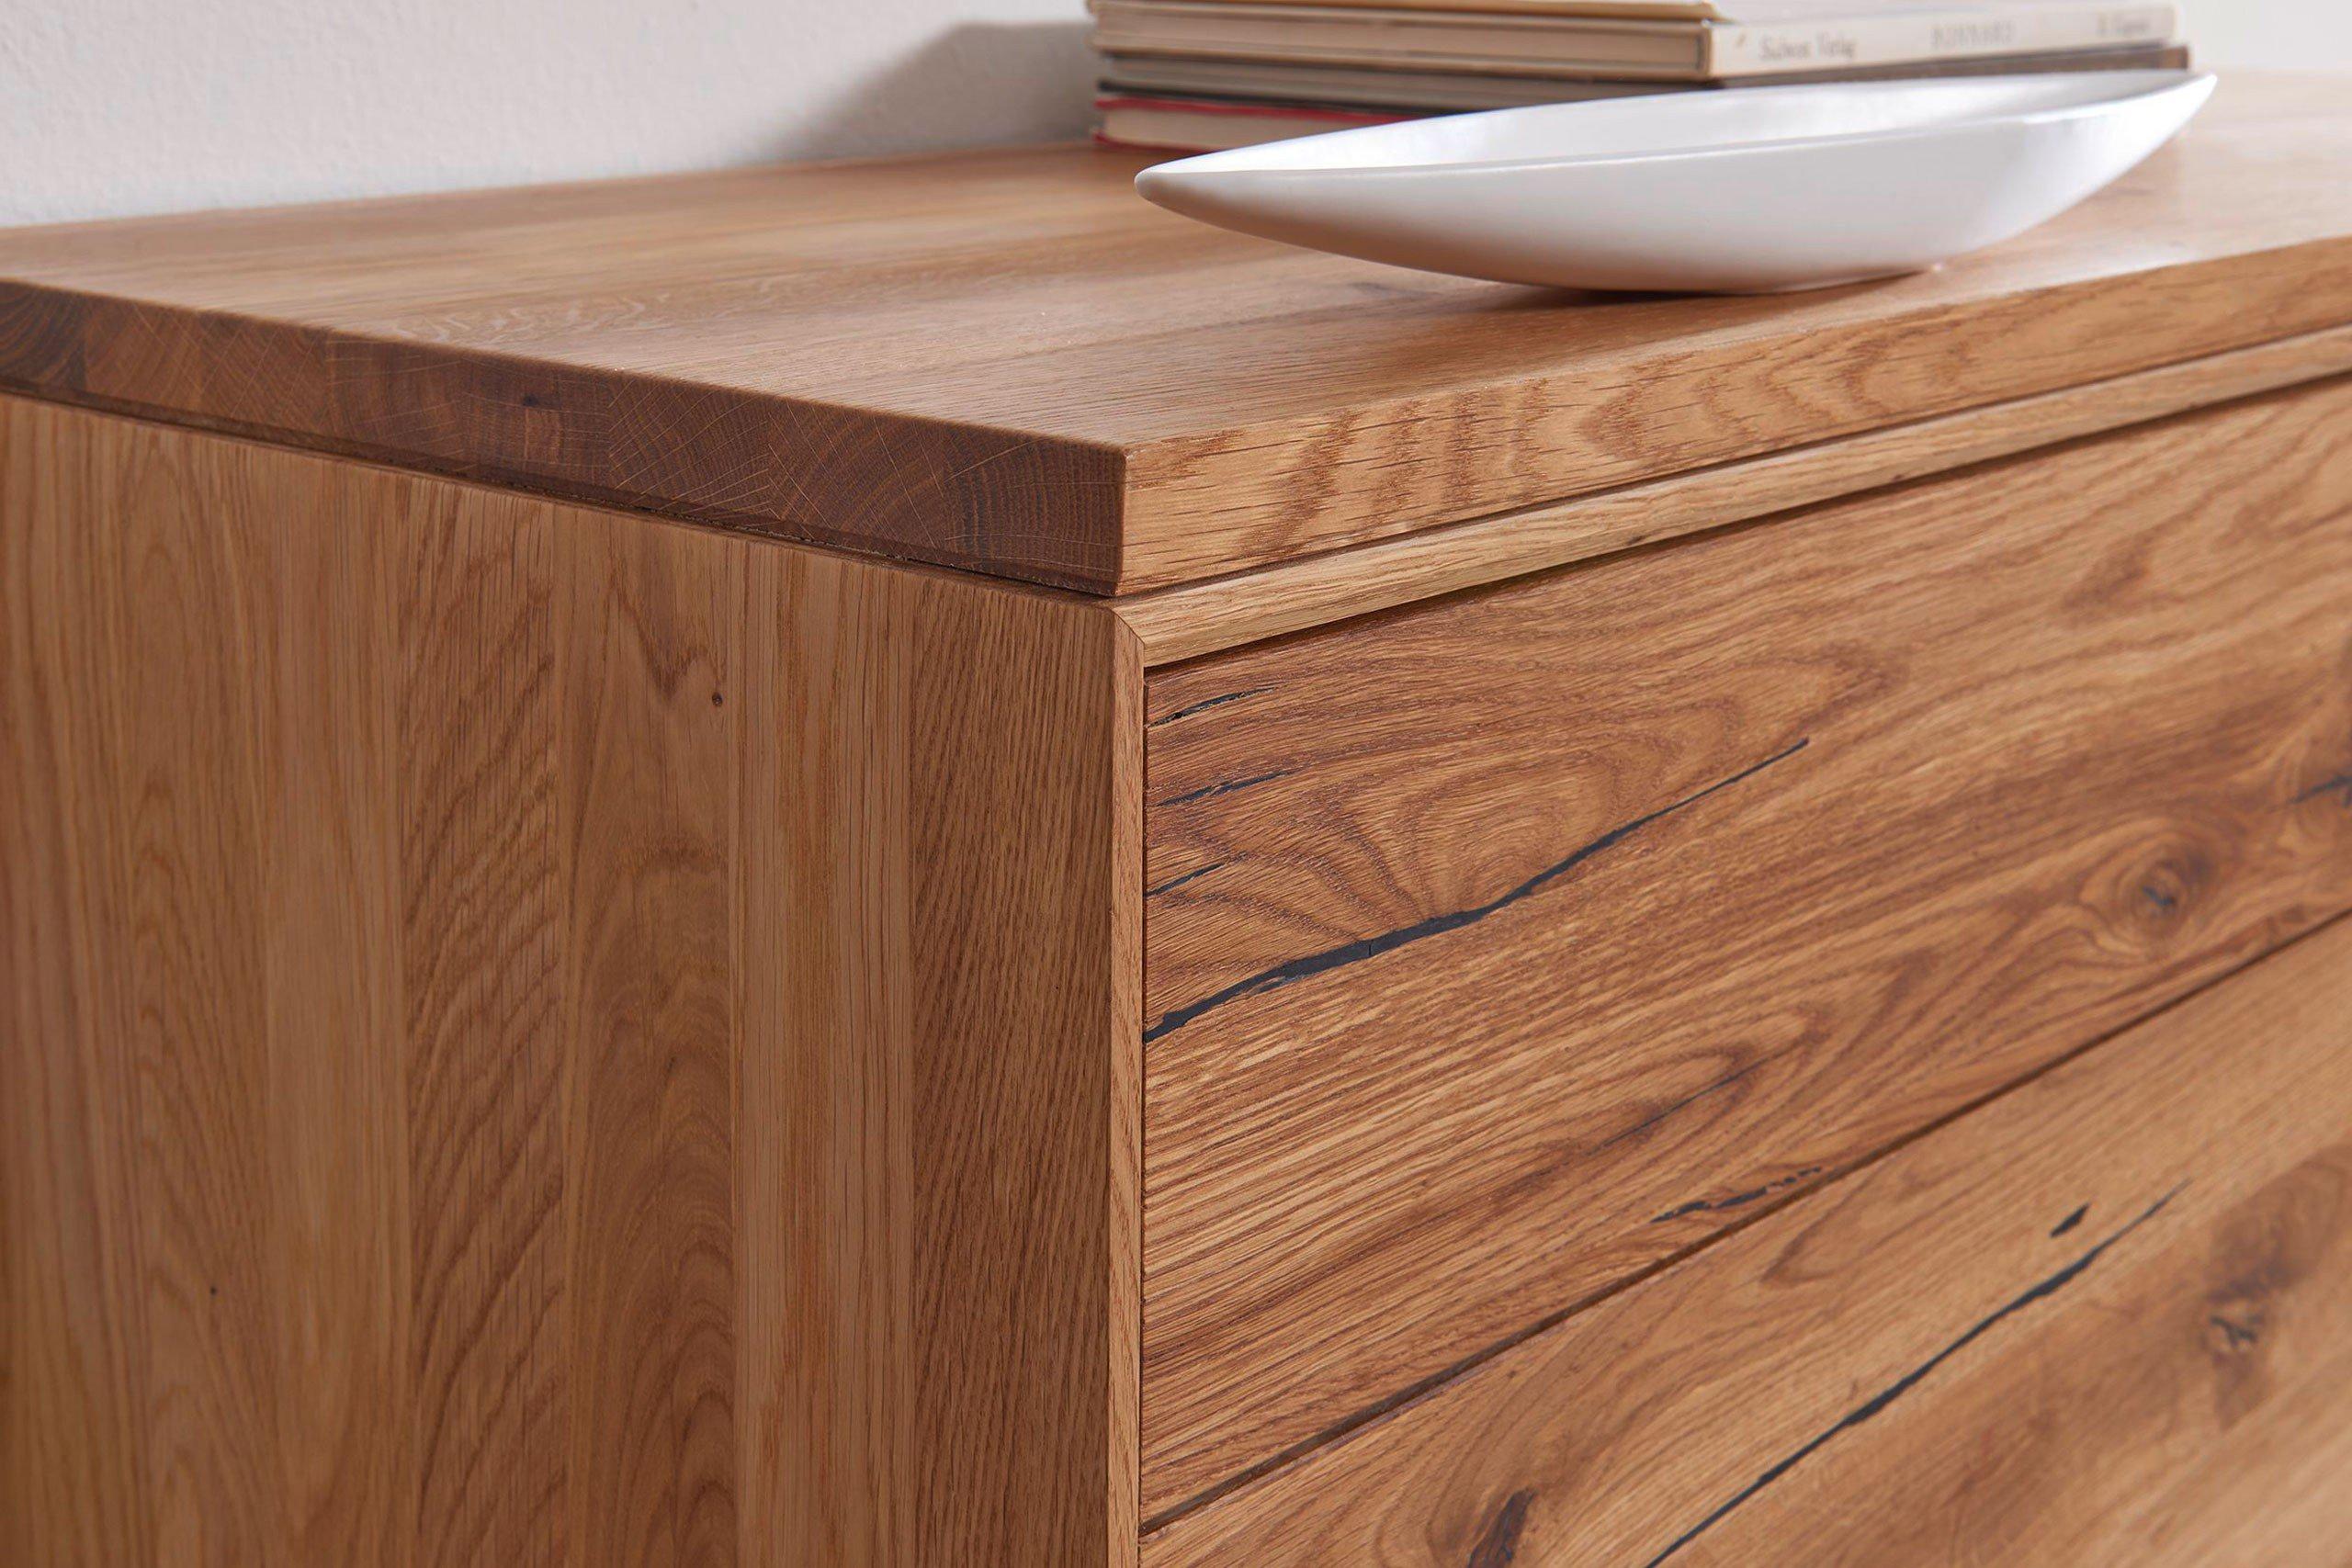 dudinger wohnwand alexandra variante 1 aus eiche m bel letz ihr online shop. Black Bedroom Furniture Sets. Home Design Ideas